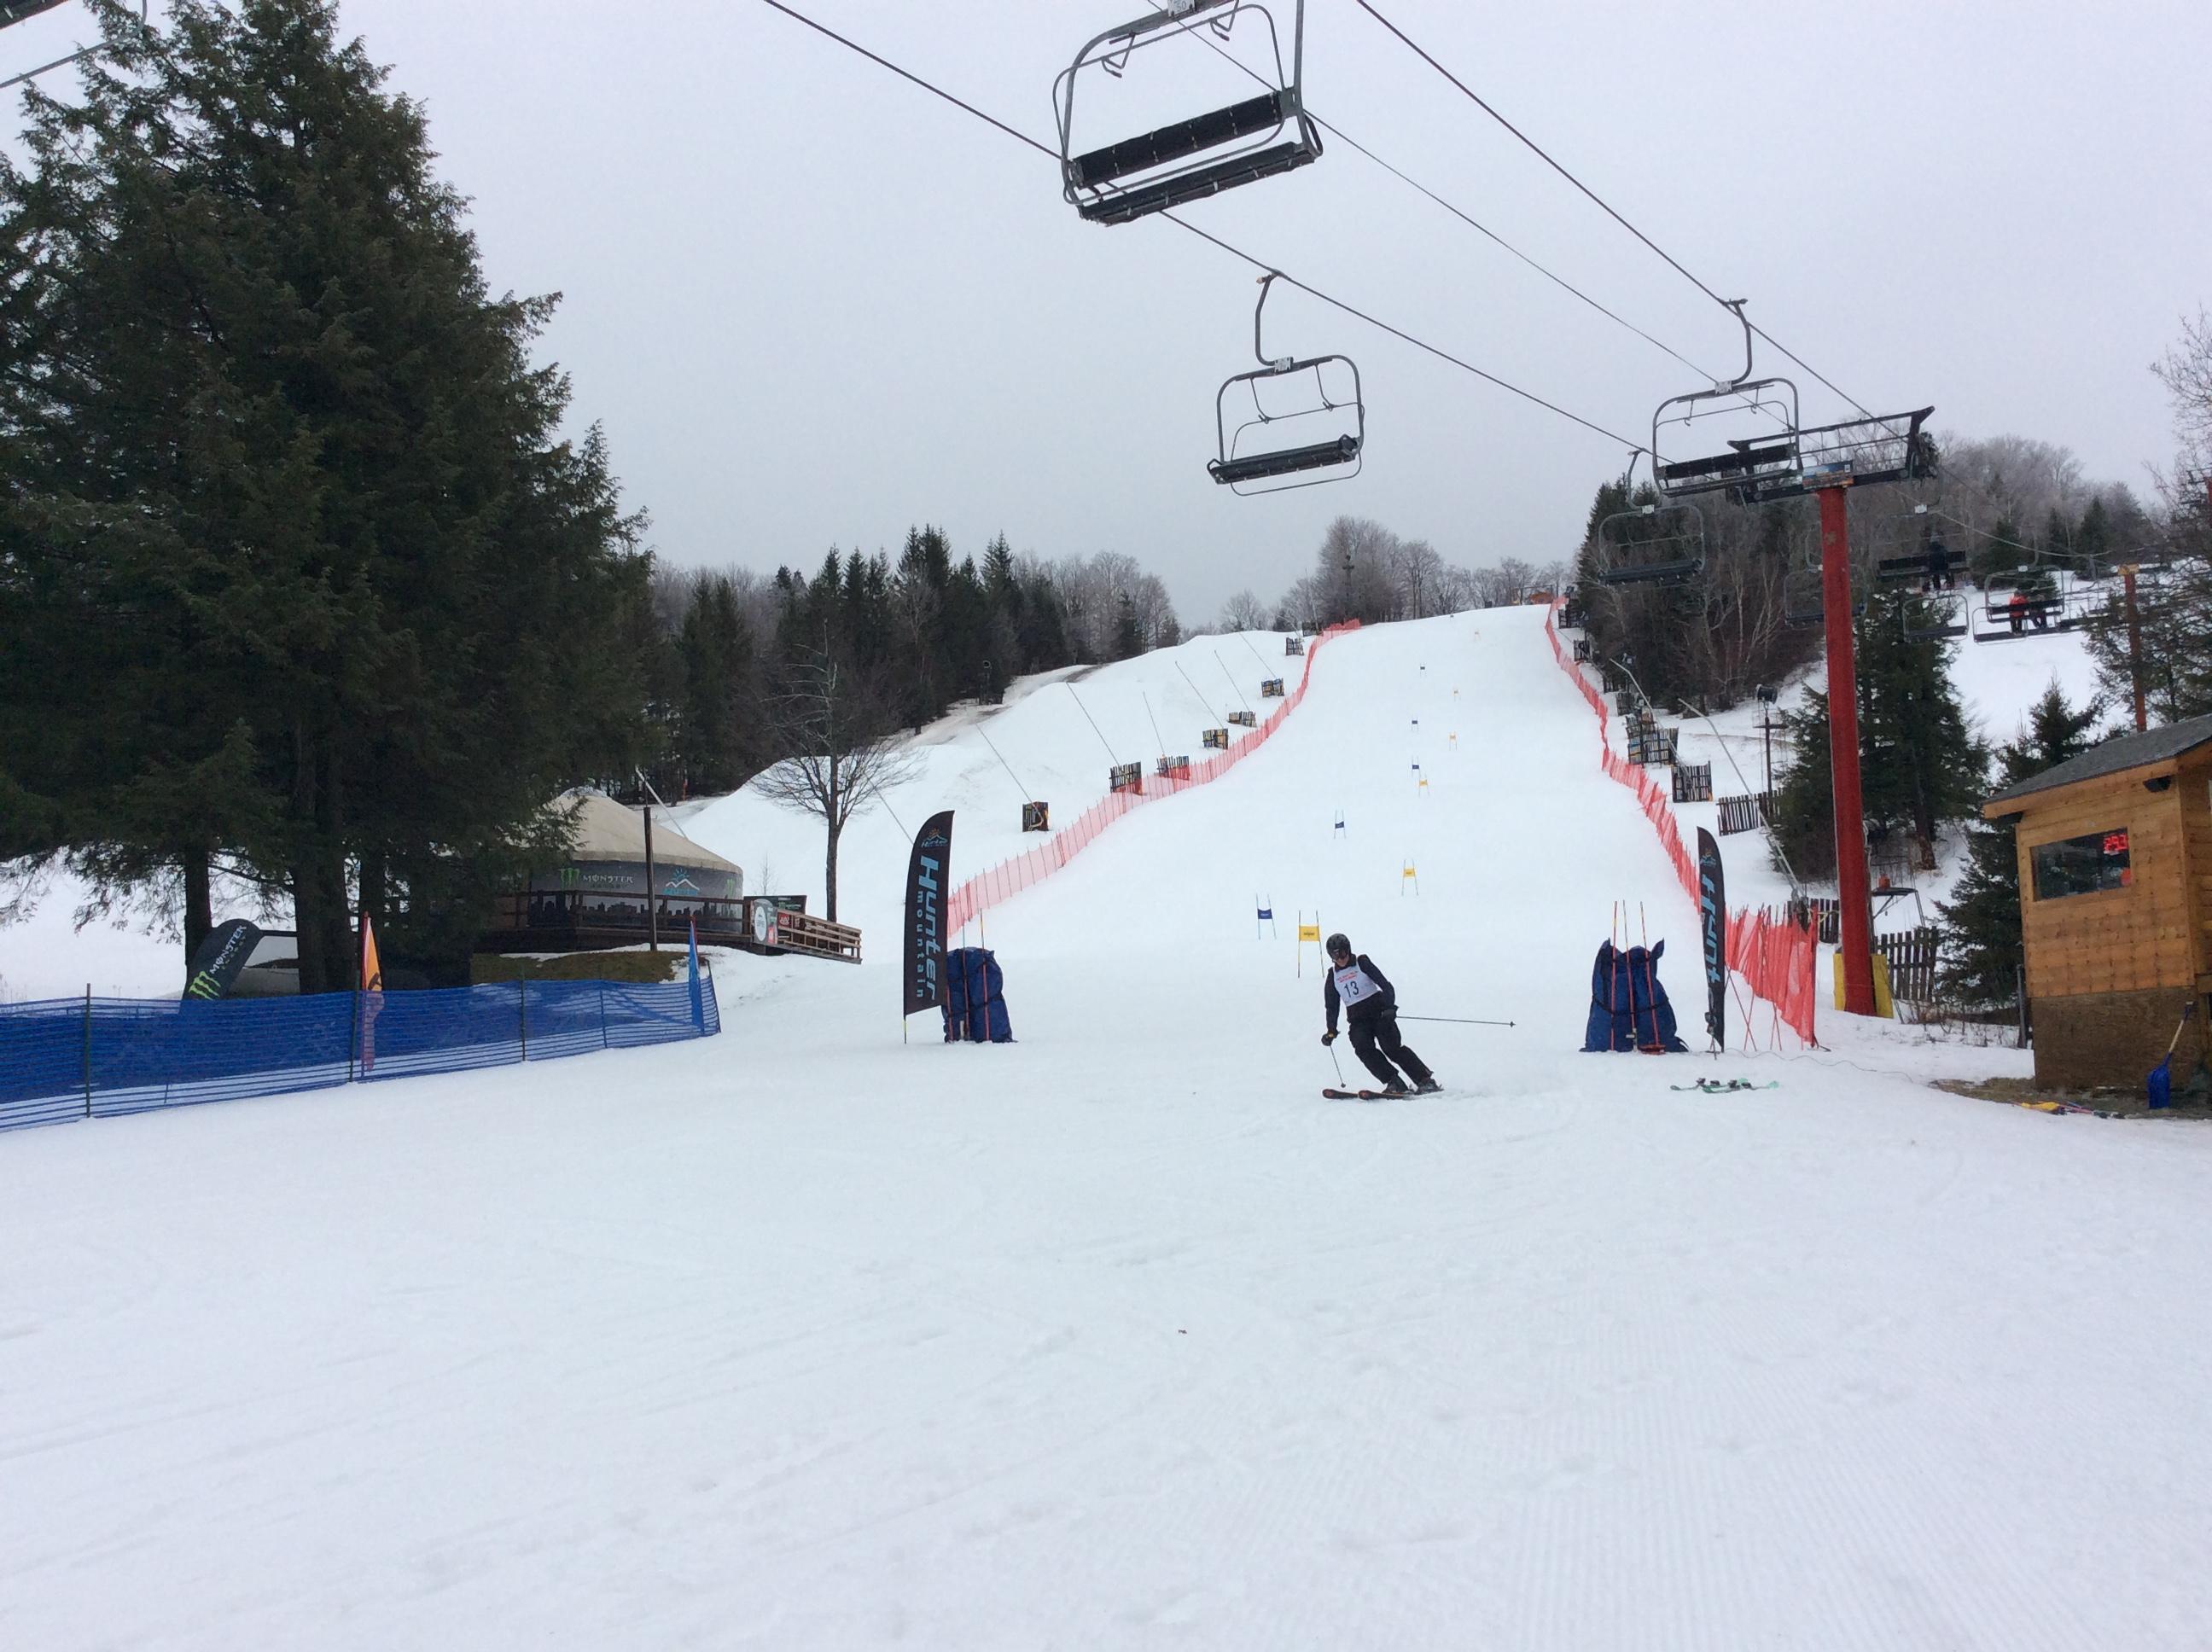 nypd-ski-club_31585158983_o